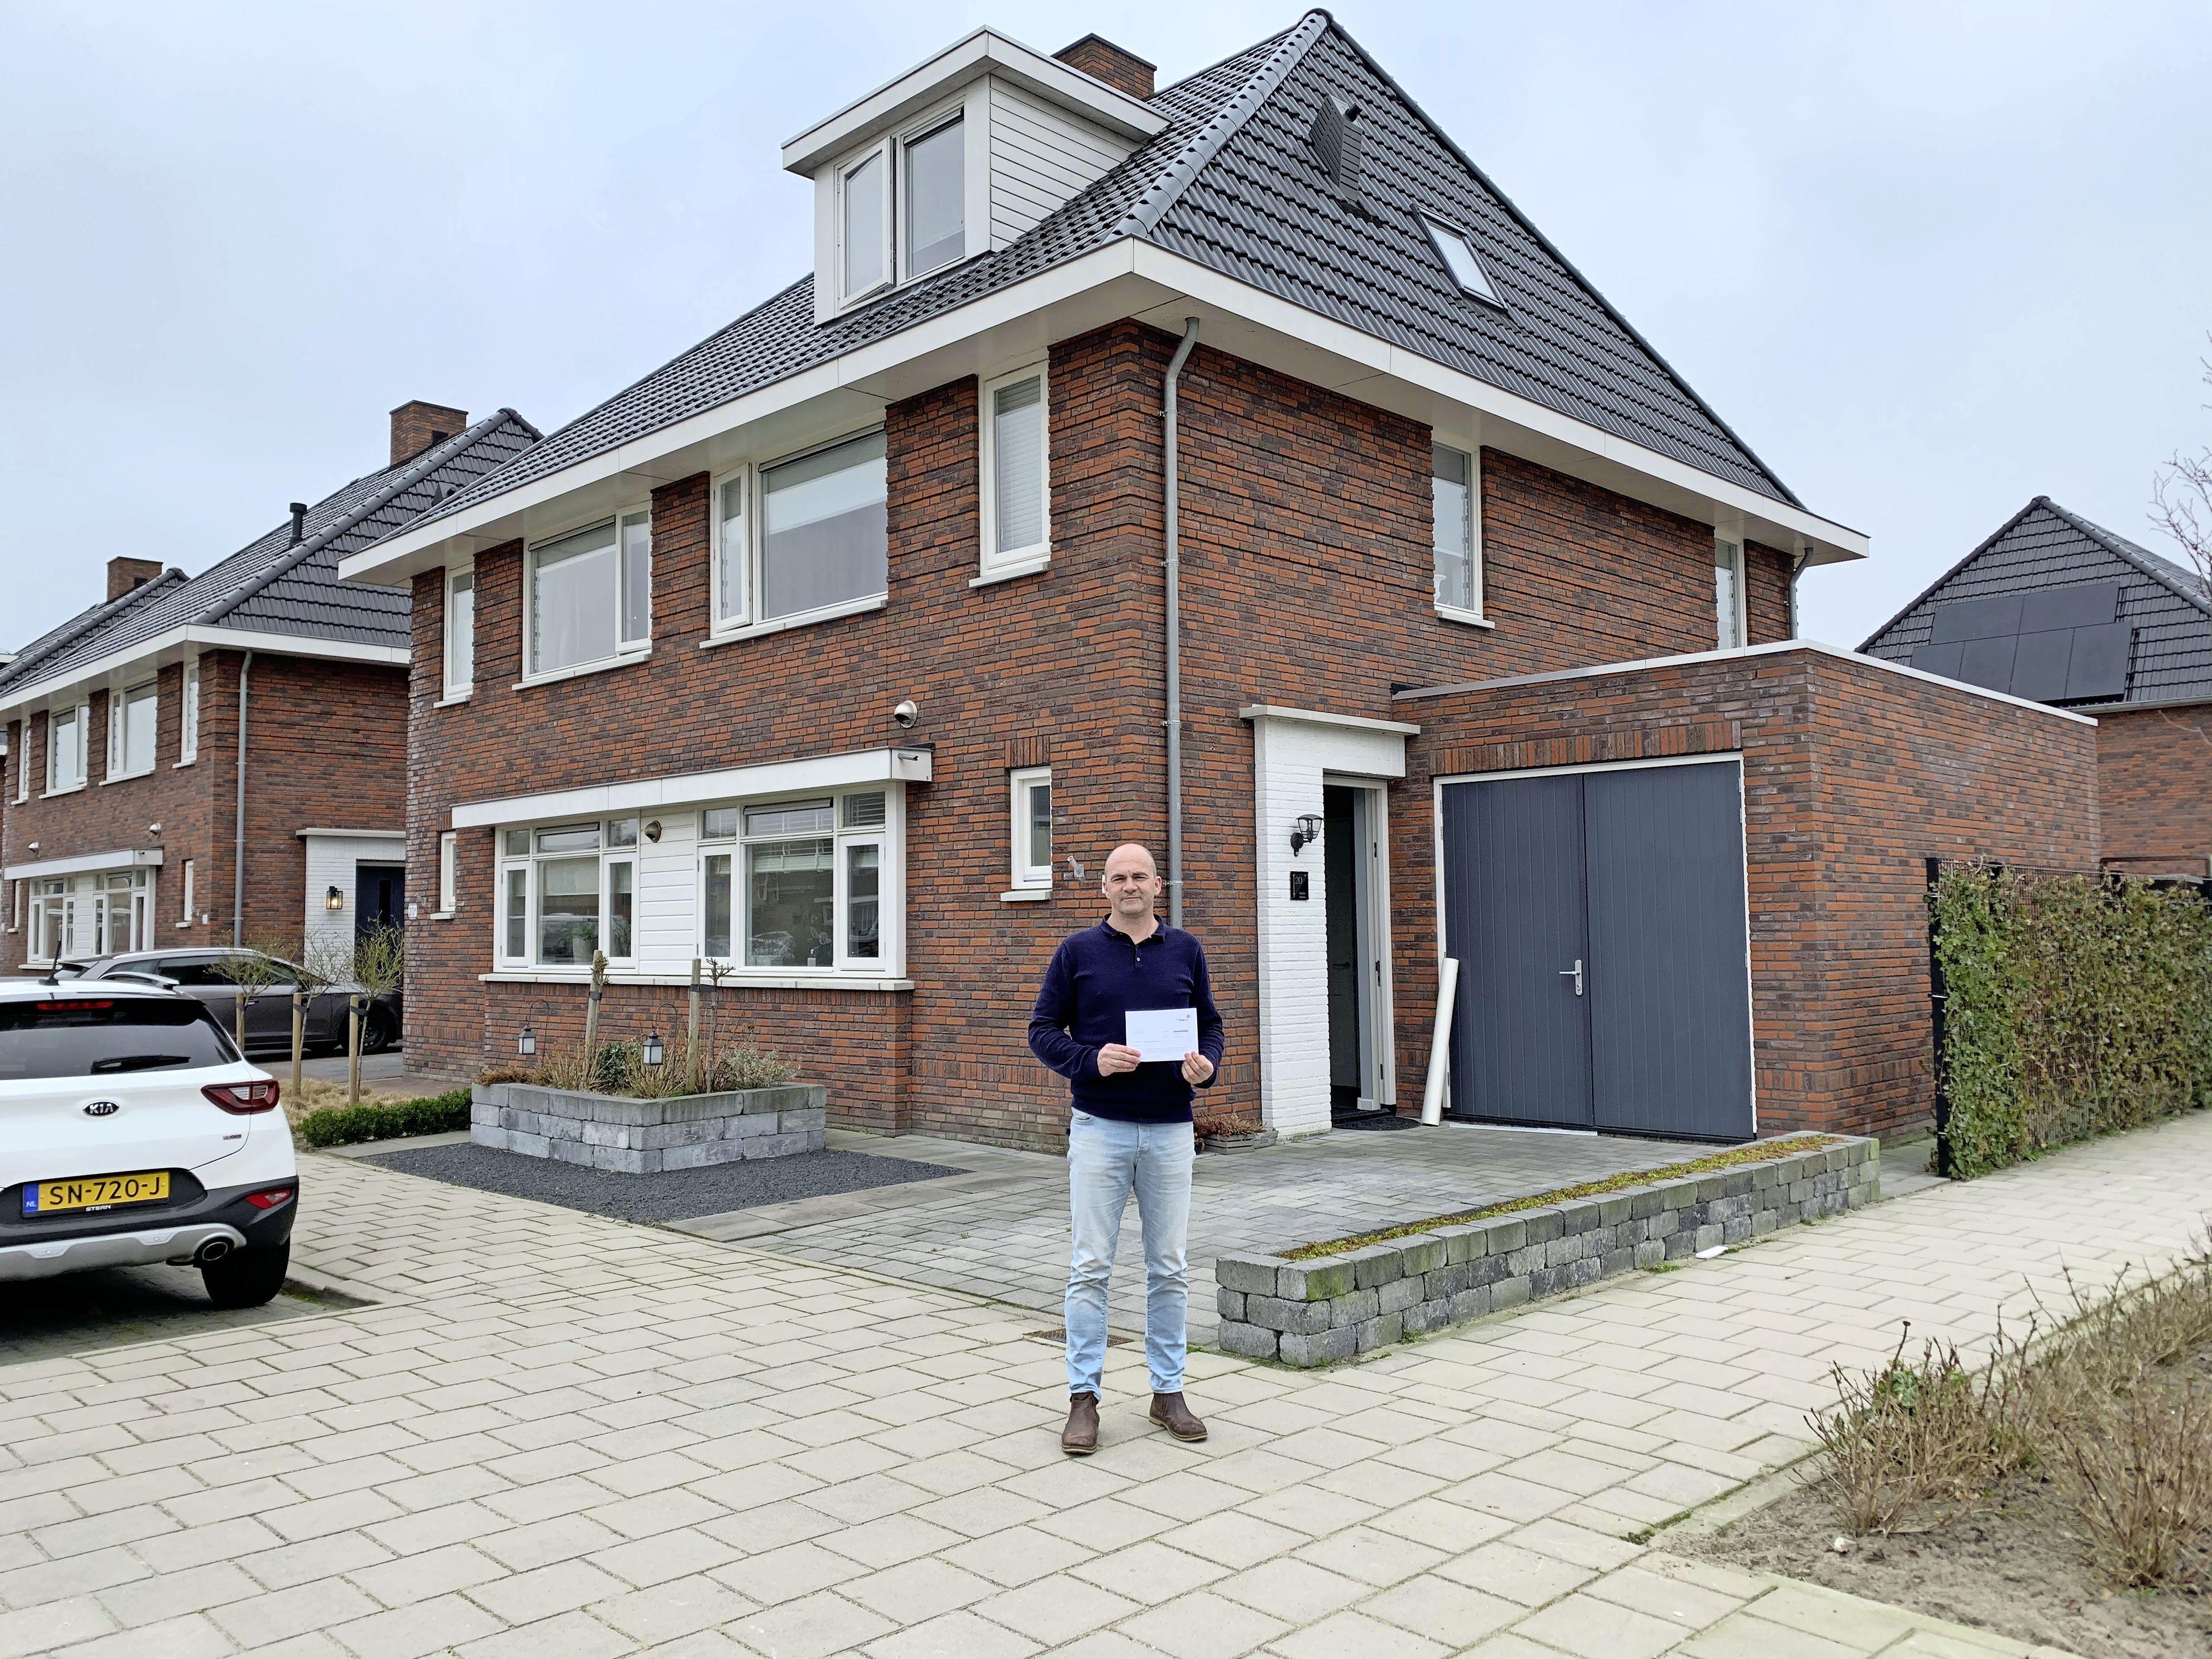 Opmeer, gemeente met hoogste ozb-stijging van Nederland, wil toch verlaging. Coalitie doet voorstel nu kabinet geld toezegt voor jeugdzorg